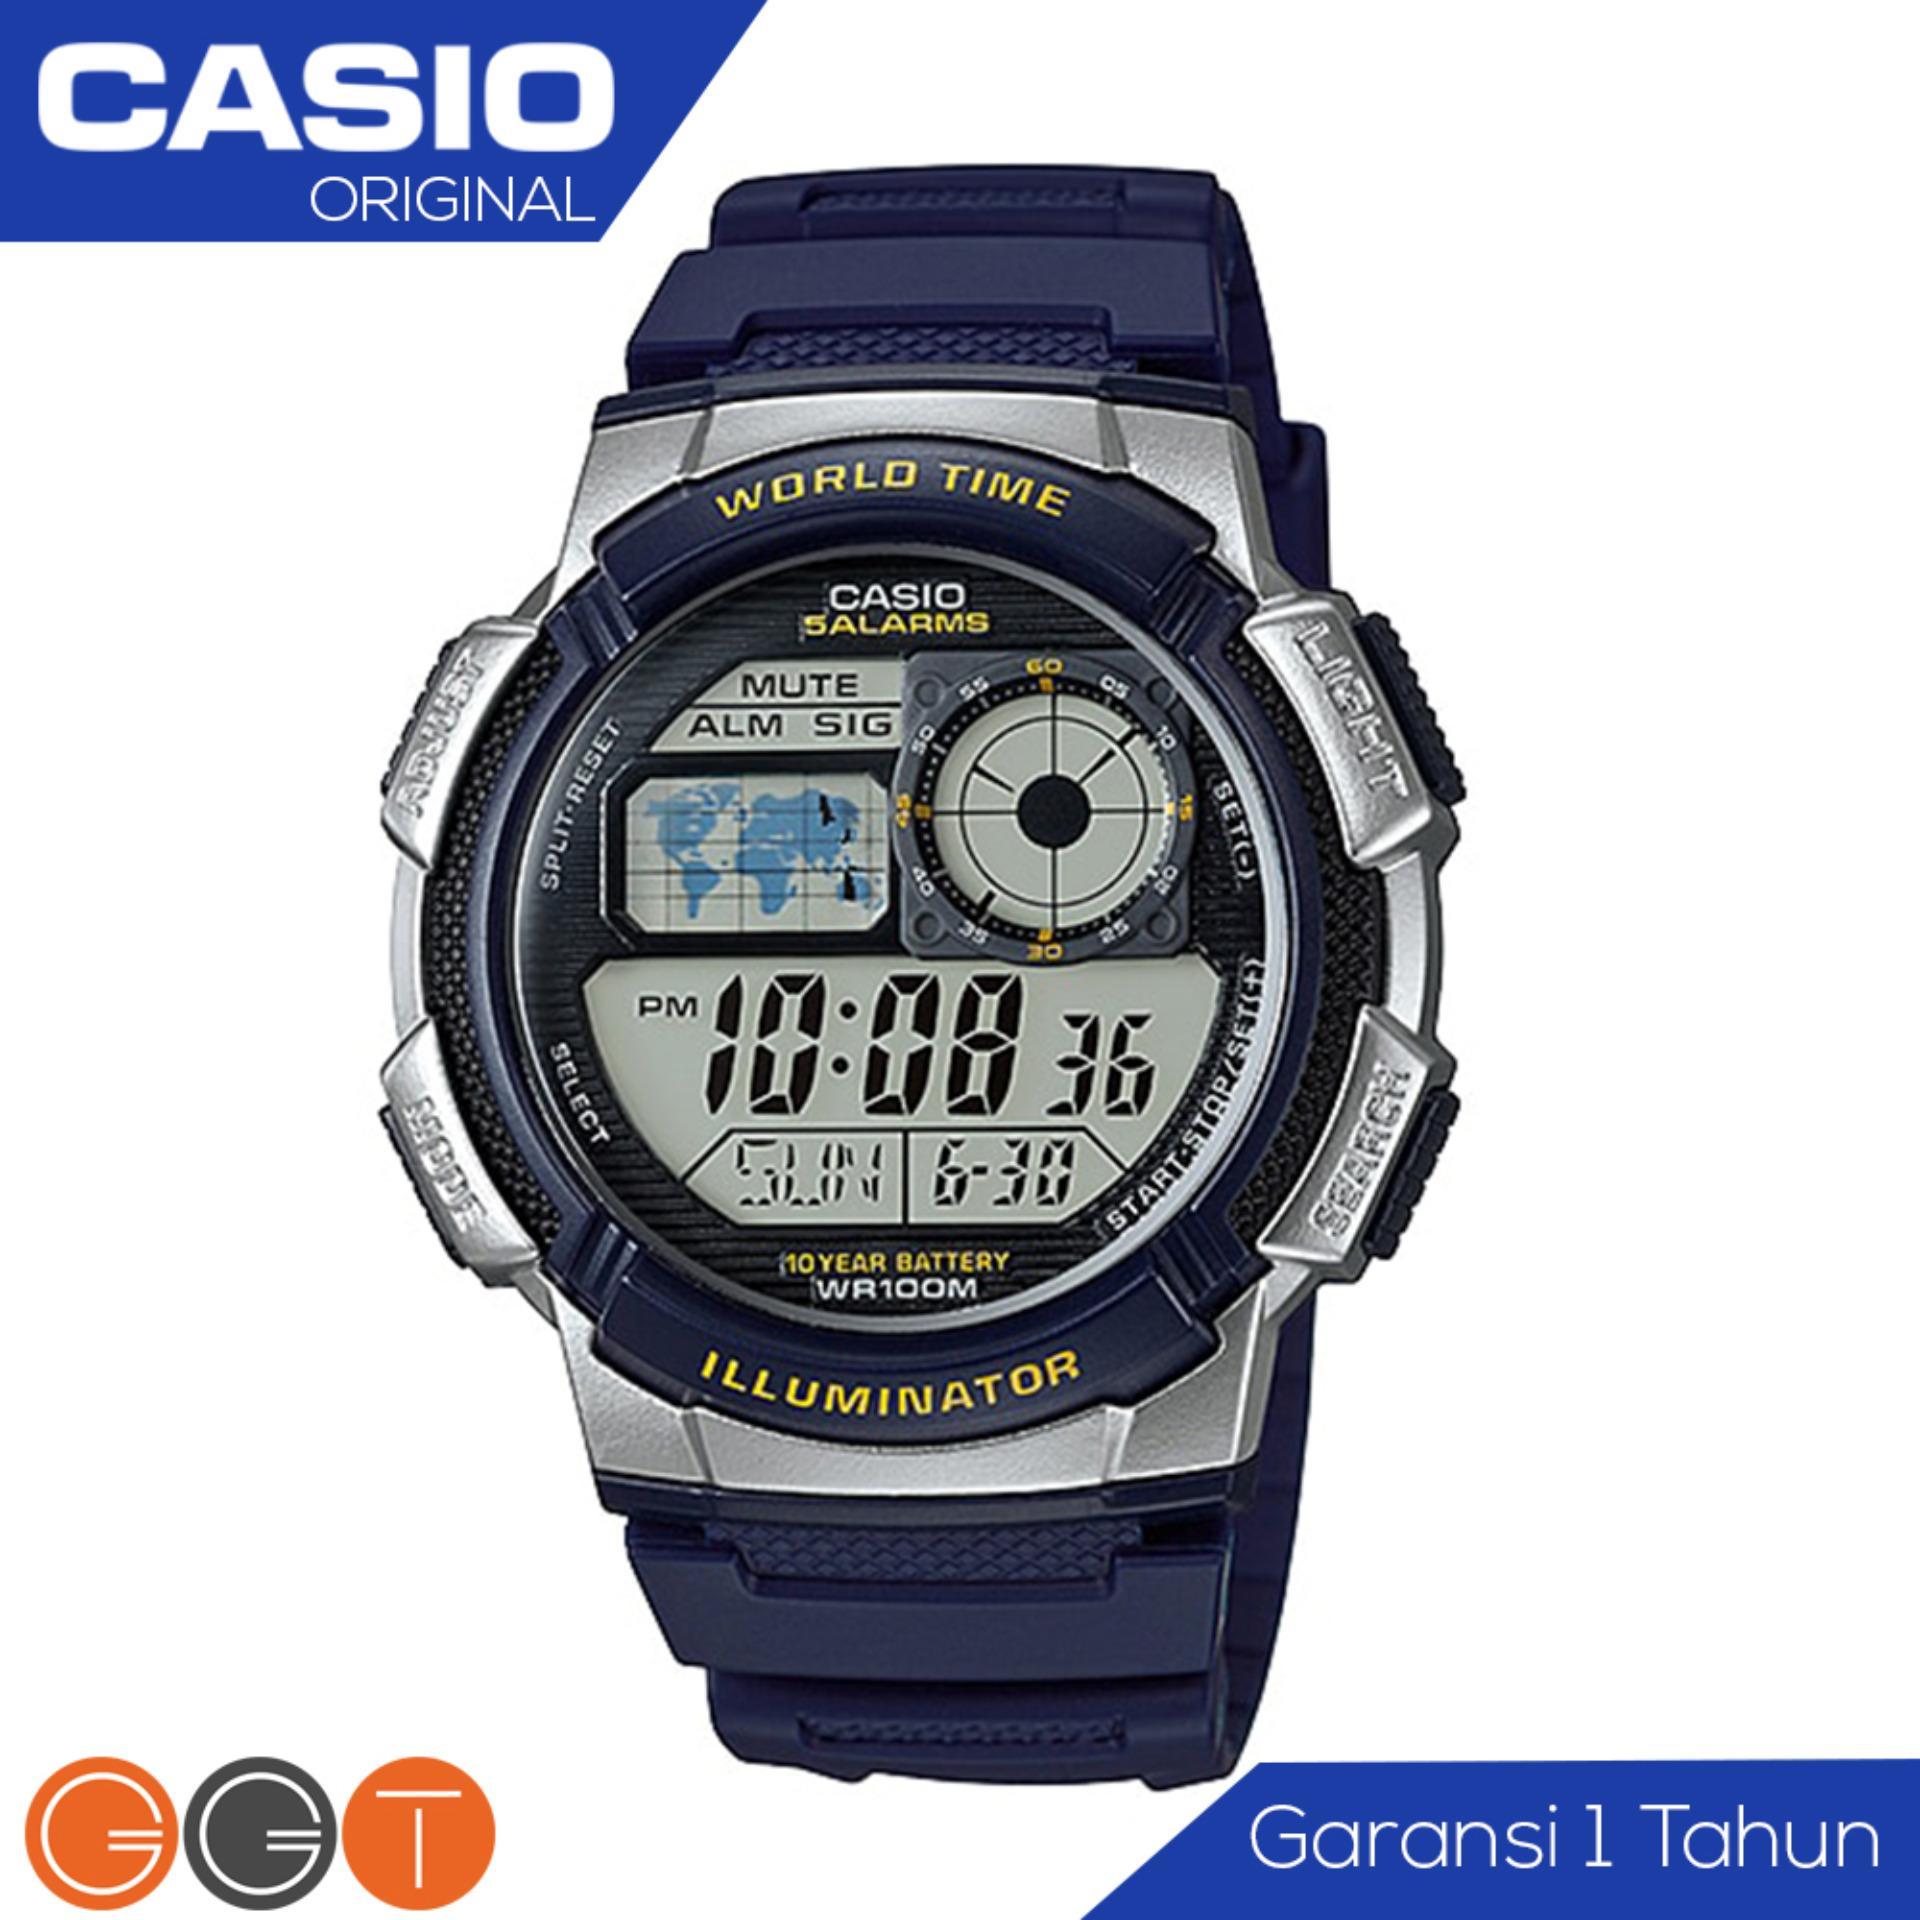 CASIO Original Illuminator AE-1000W - Jam Tangan Pria Casio - Tali Karet  Rubber Resin 7059ac0236